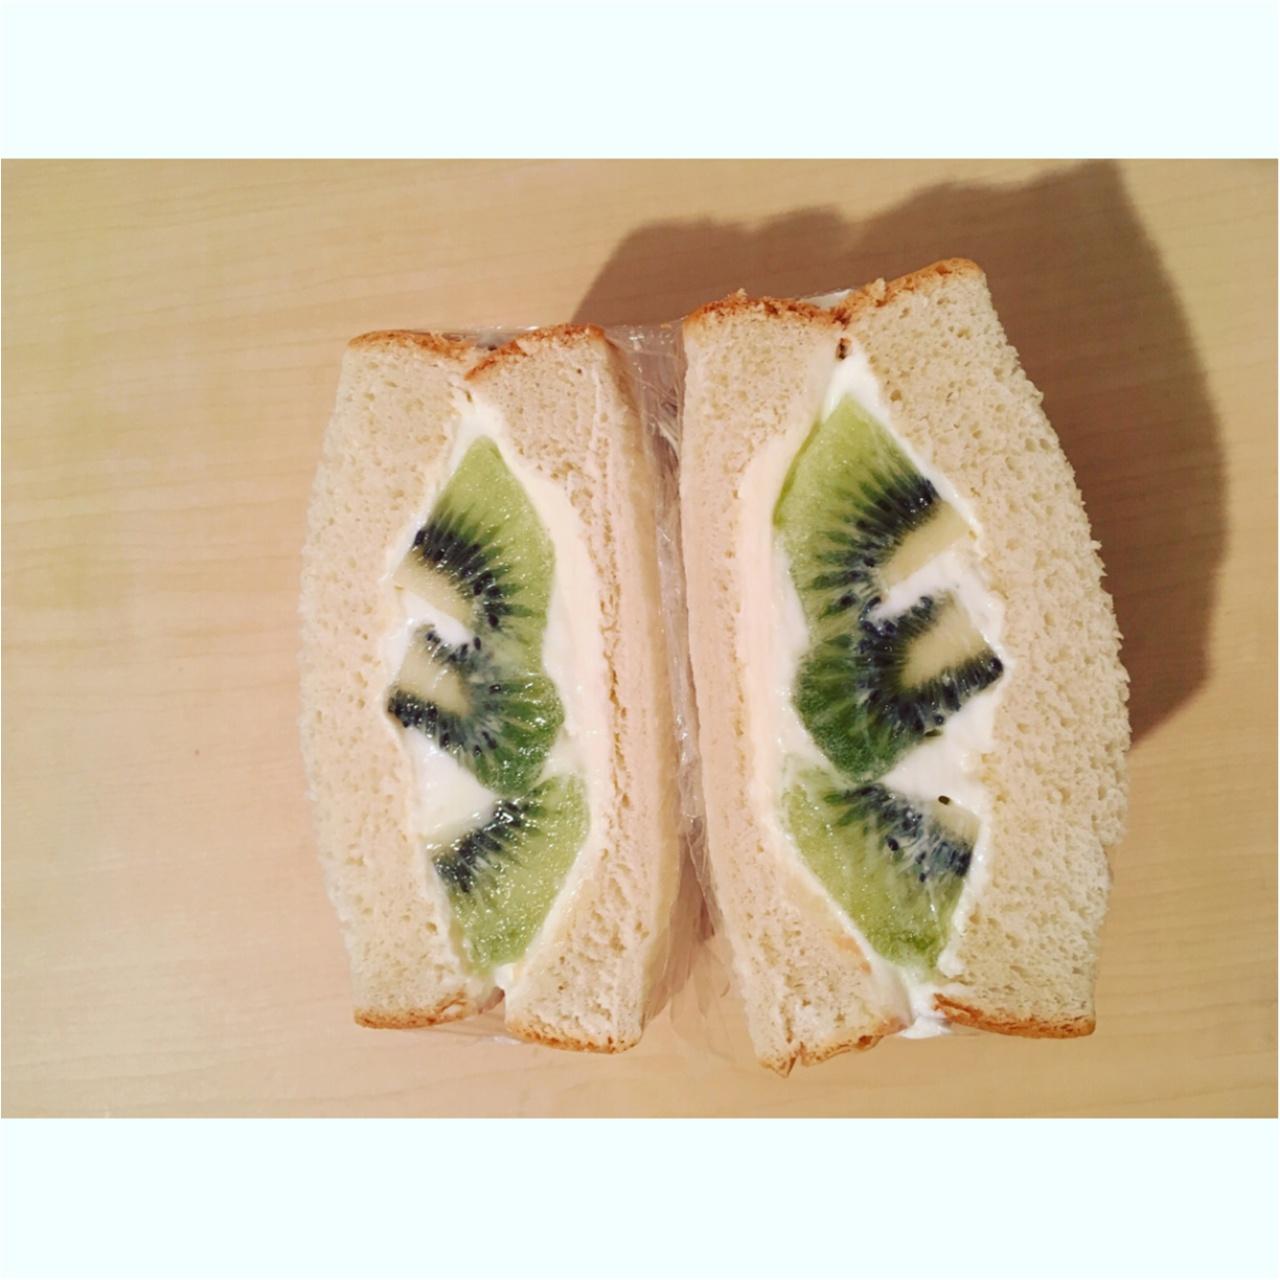 【料理▶はる断サンド☺】#萌え断シリーズ第2弾★朝から栄養満点♪オススメ朝ごパン_7